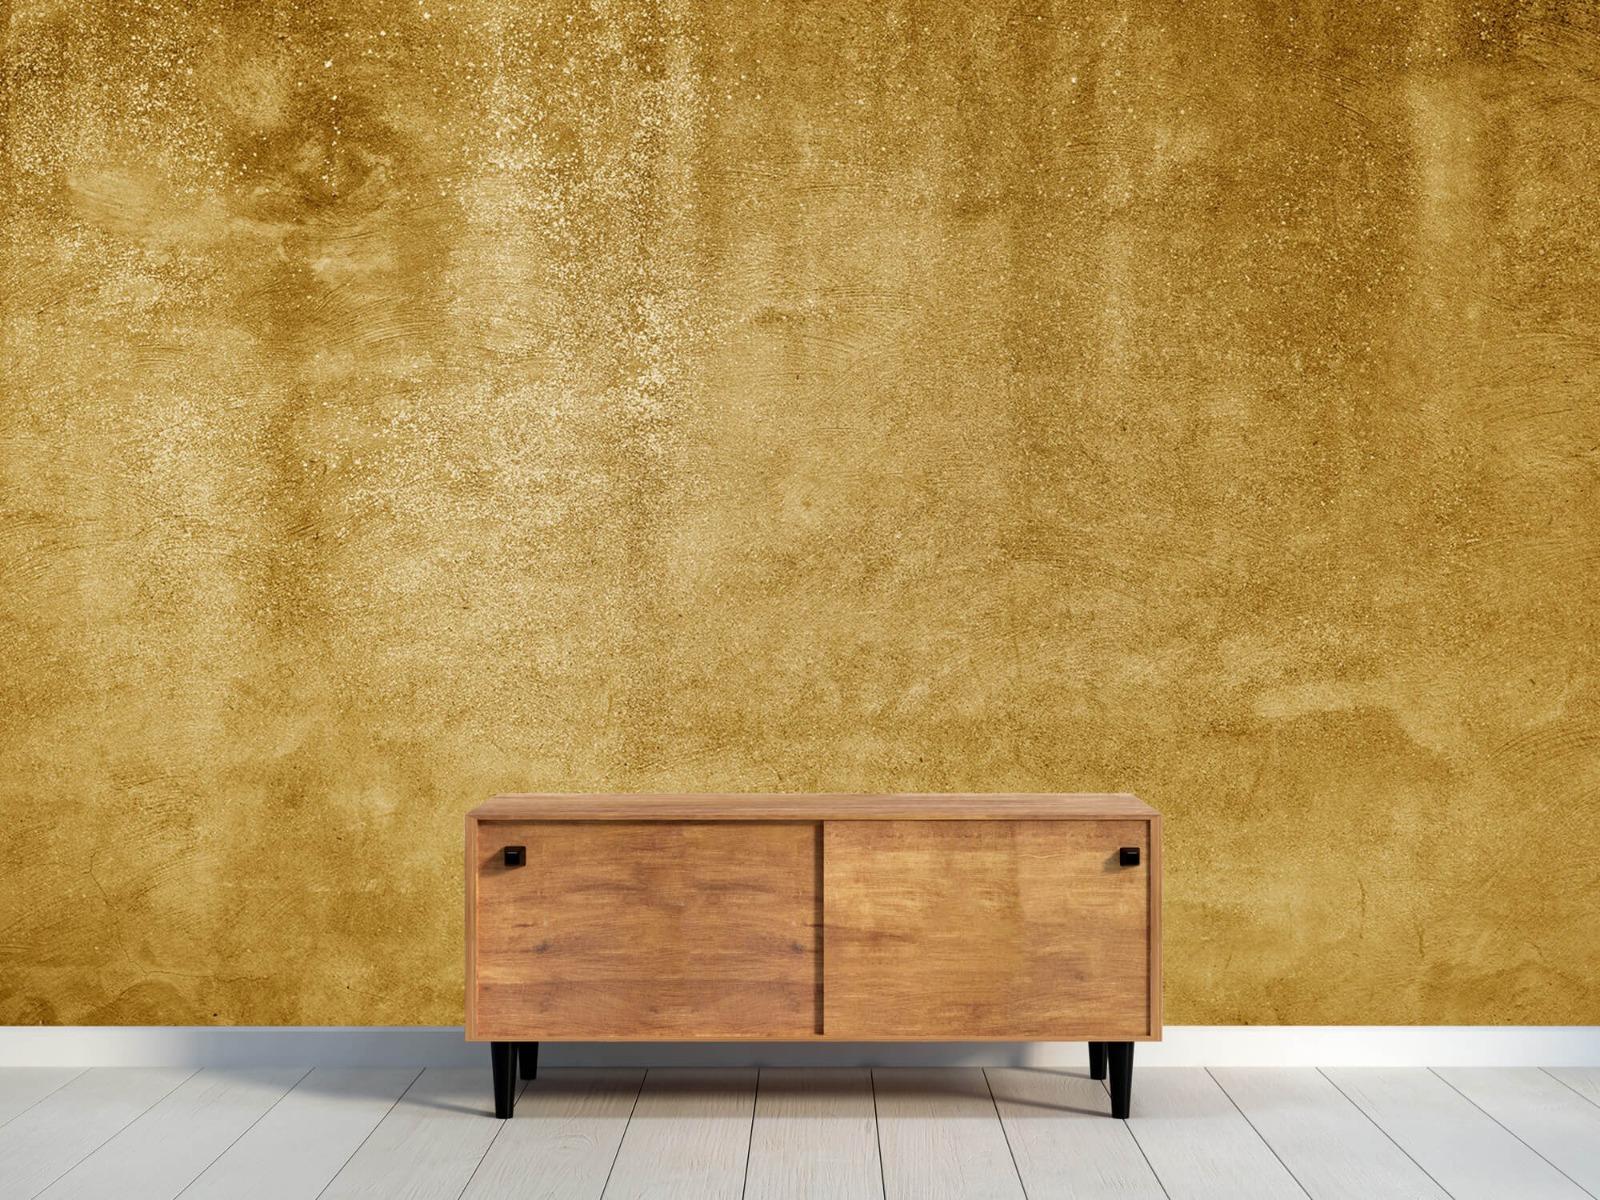 Betonoptik Tapete - Ockerhaltiger gelber Beton auf Fototapete - Wohnzimmer 10